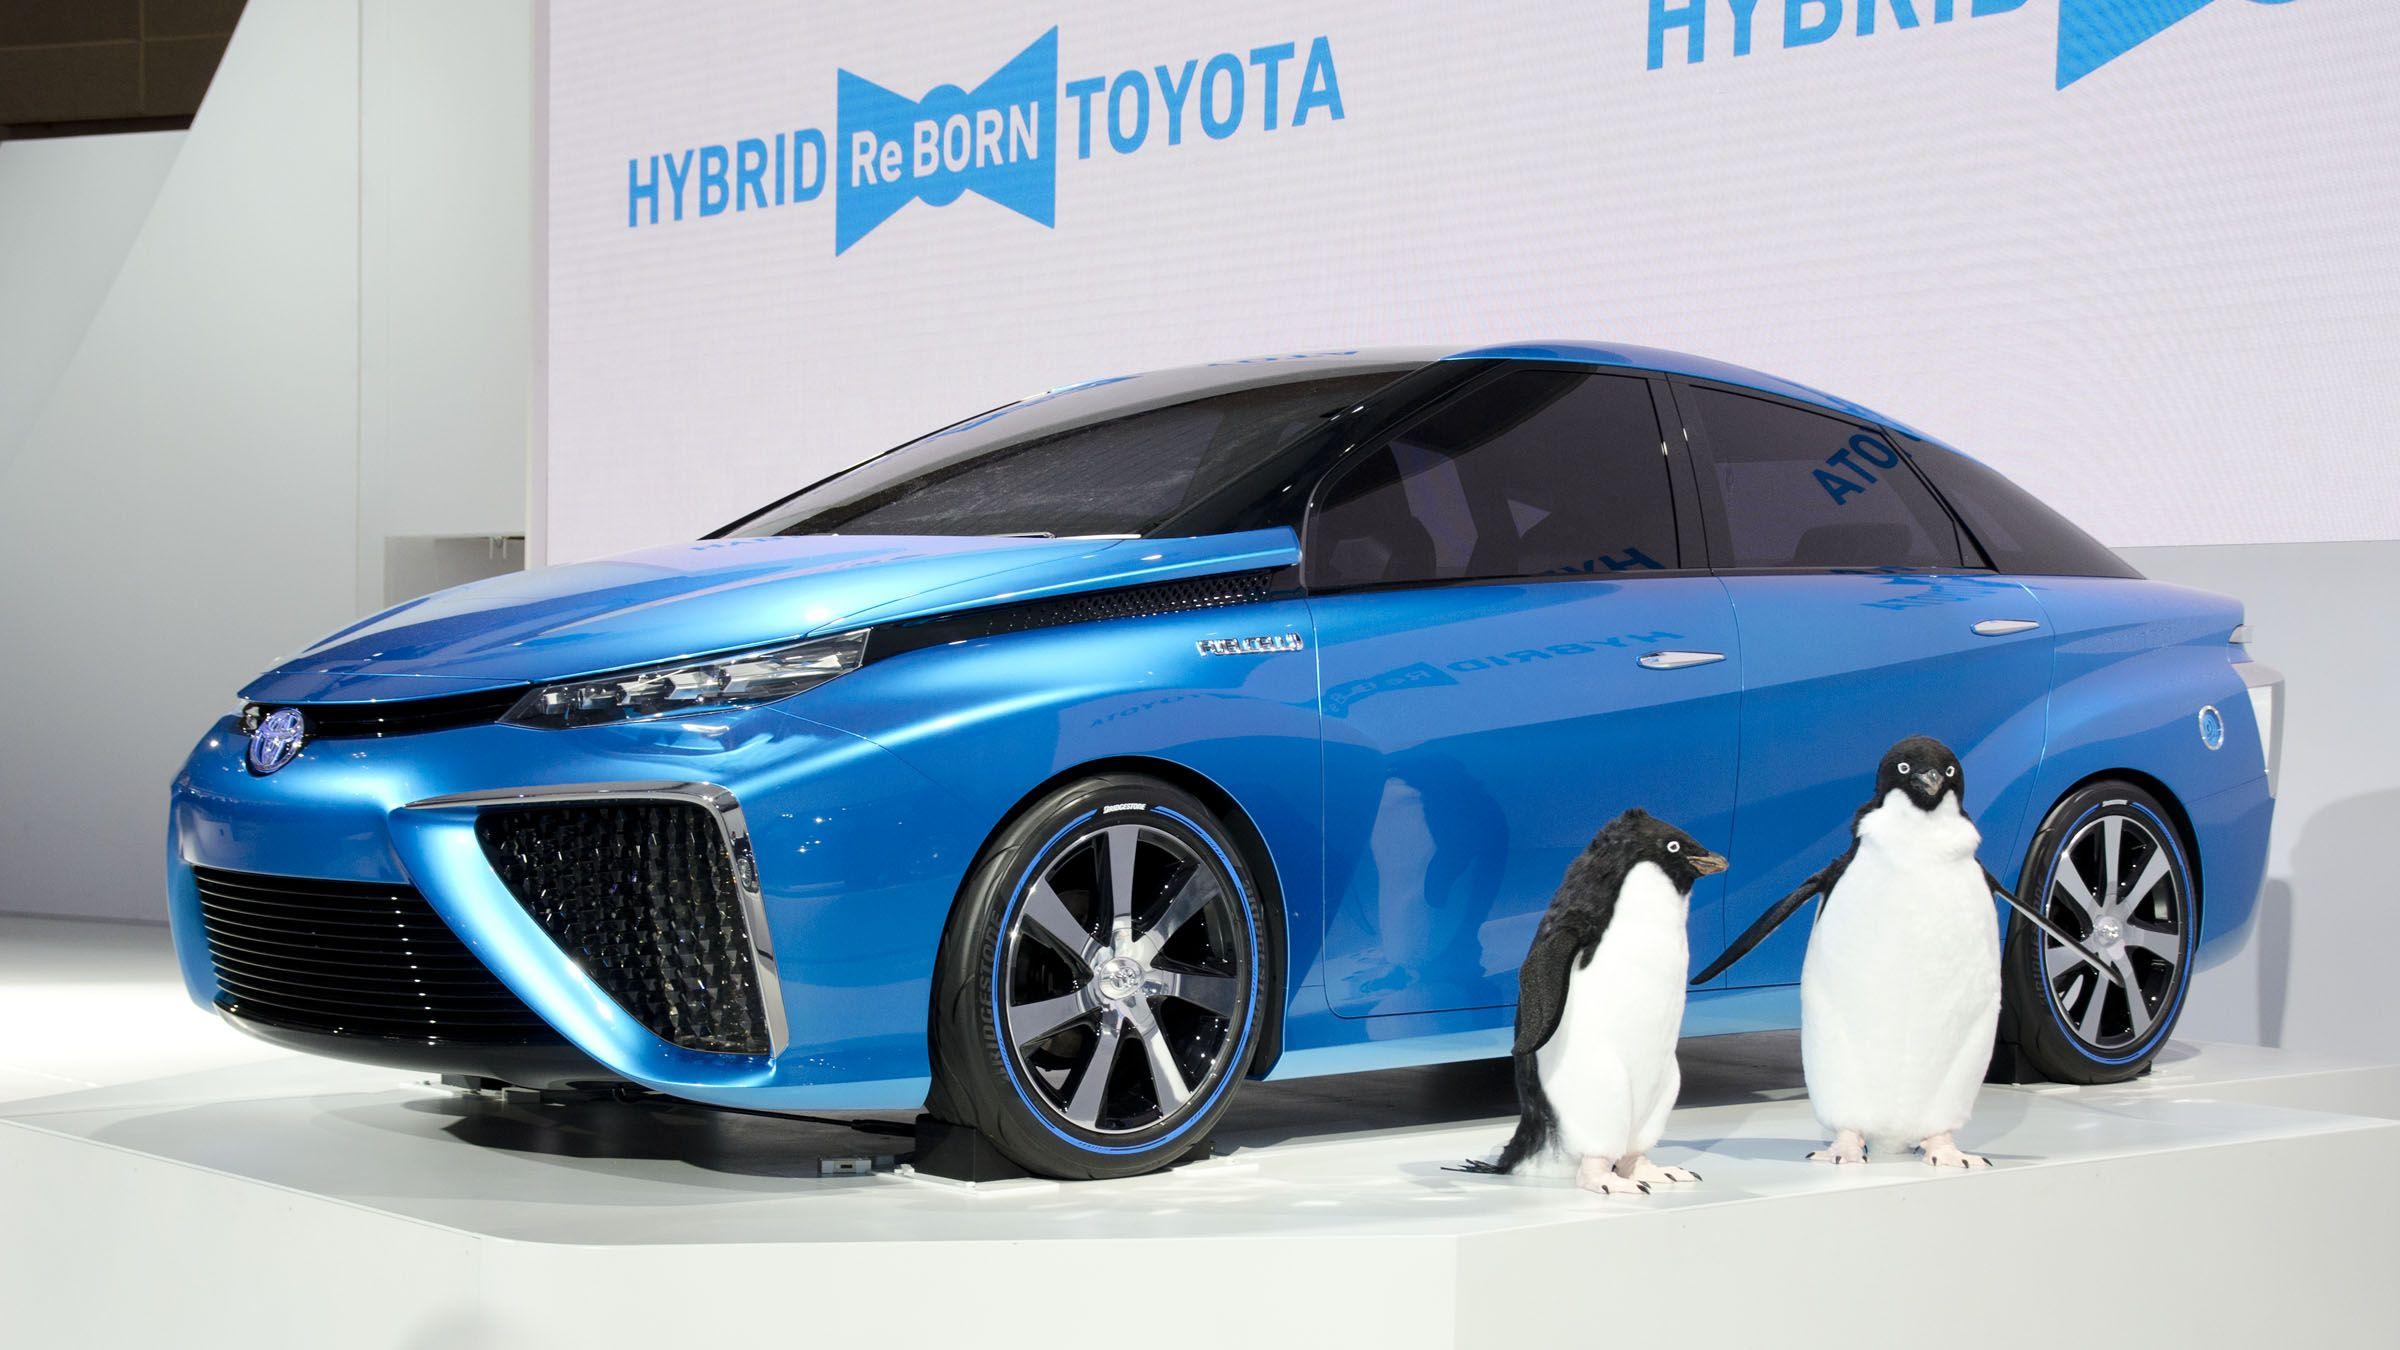 Lexus' parent company, Toyota, is pioneering the